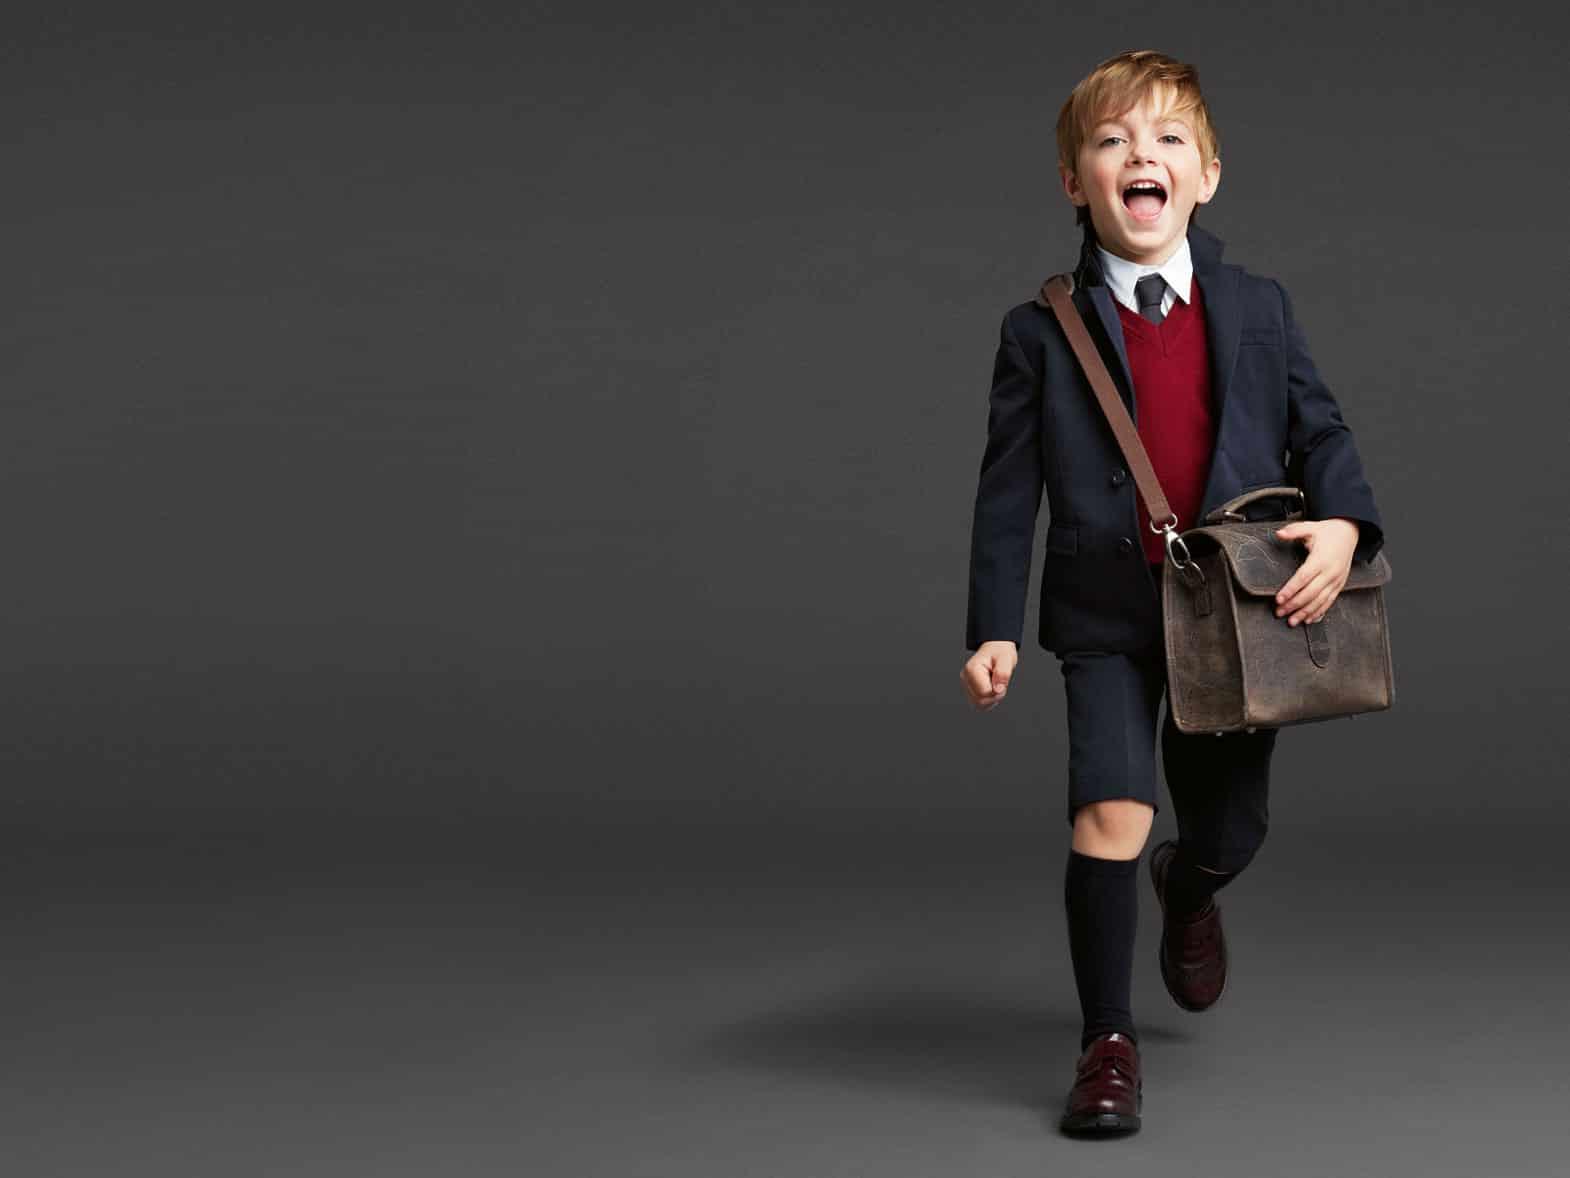 صور تصميمات أحذية الأطفال الشتاء روعة